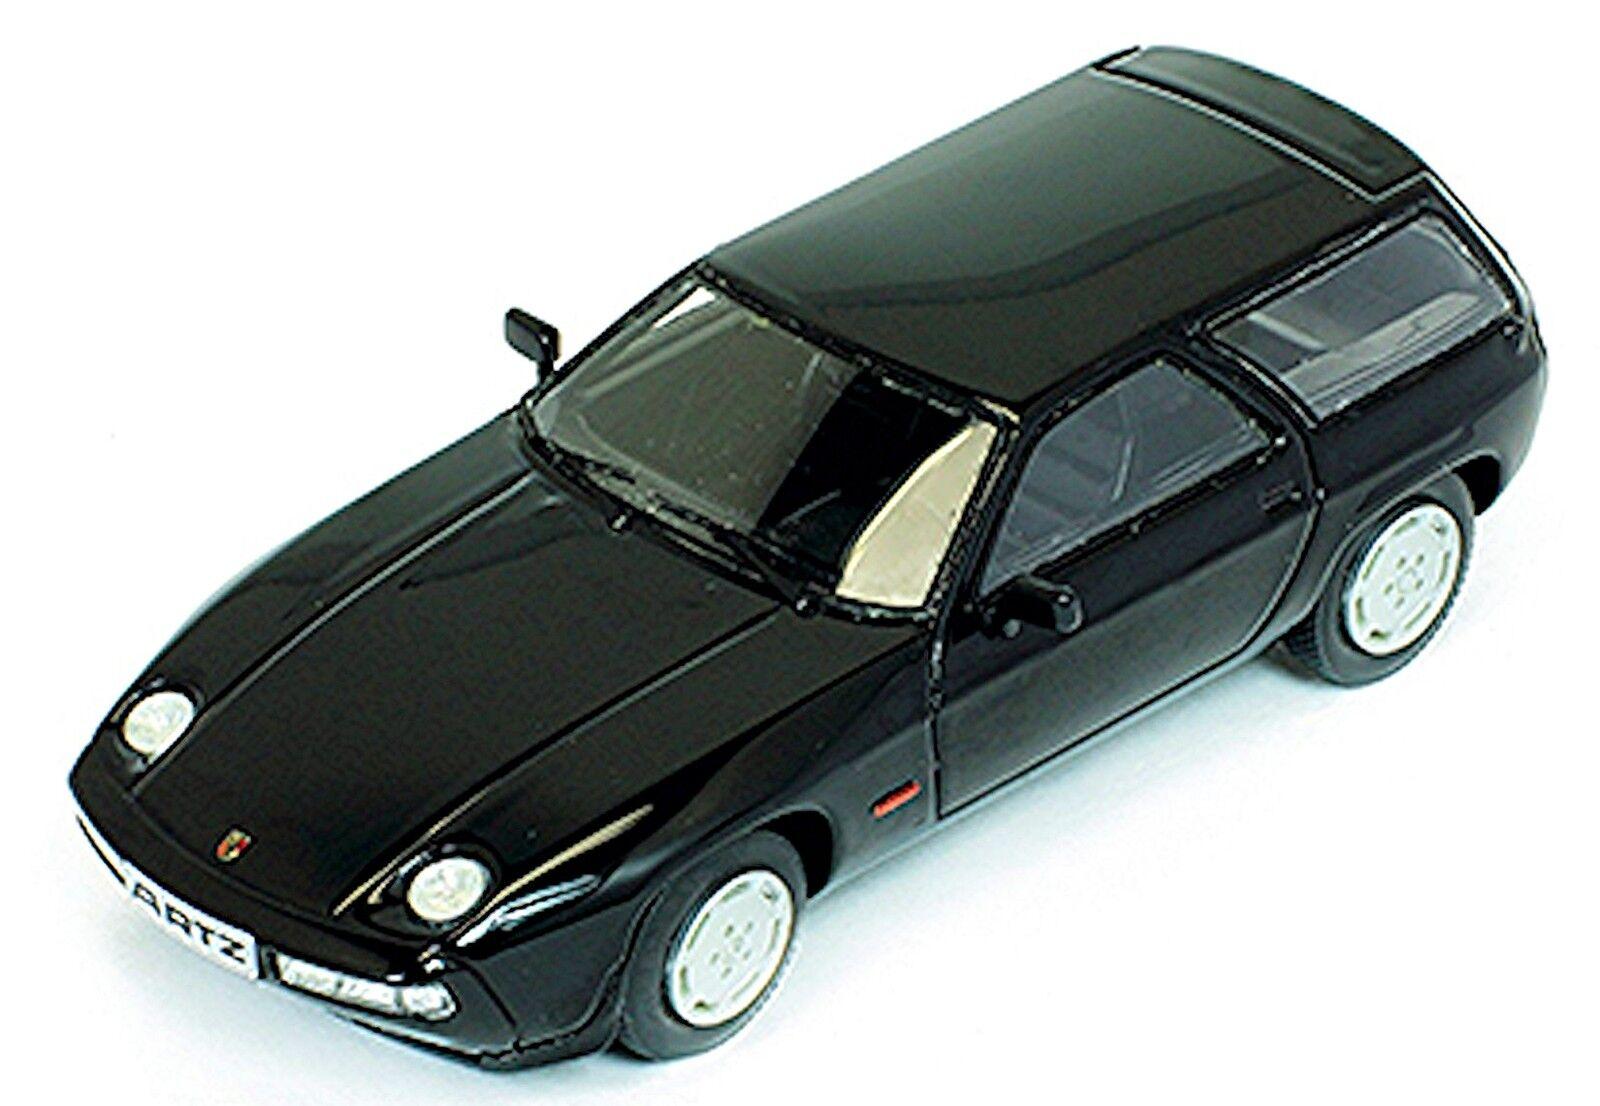 PORSCHE 928 S Turbo Familiar Artz TUNING 1979-80 nero nero 1 43